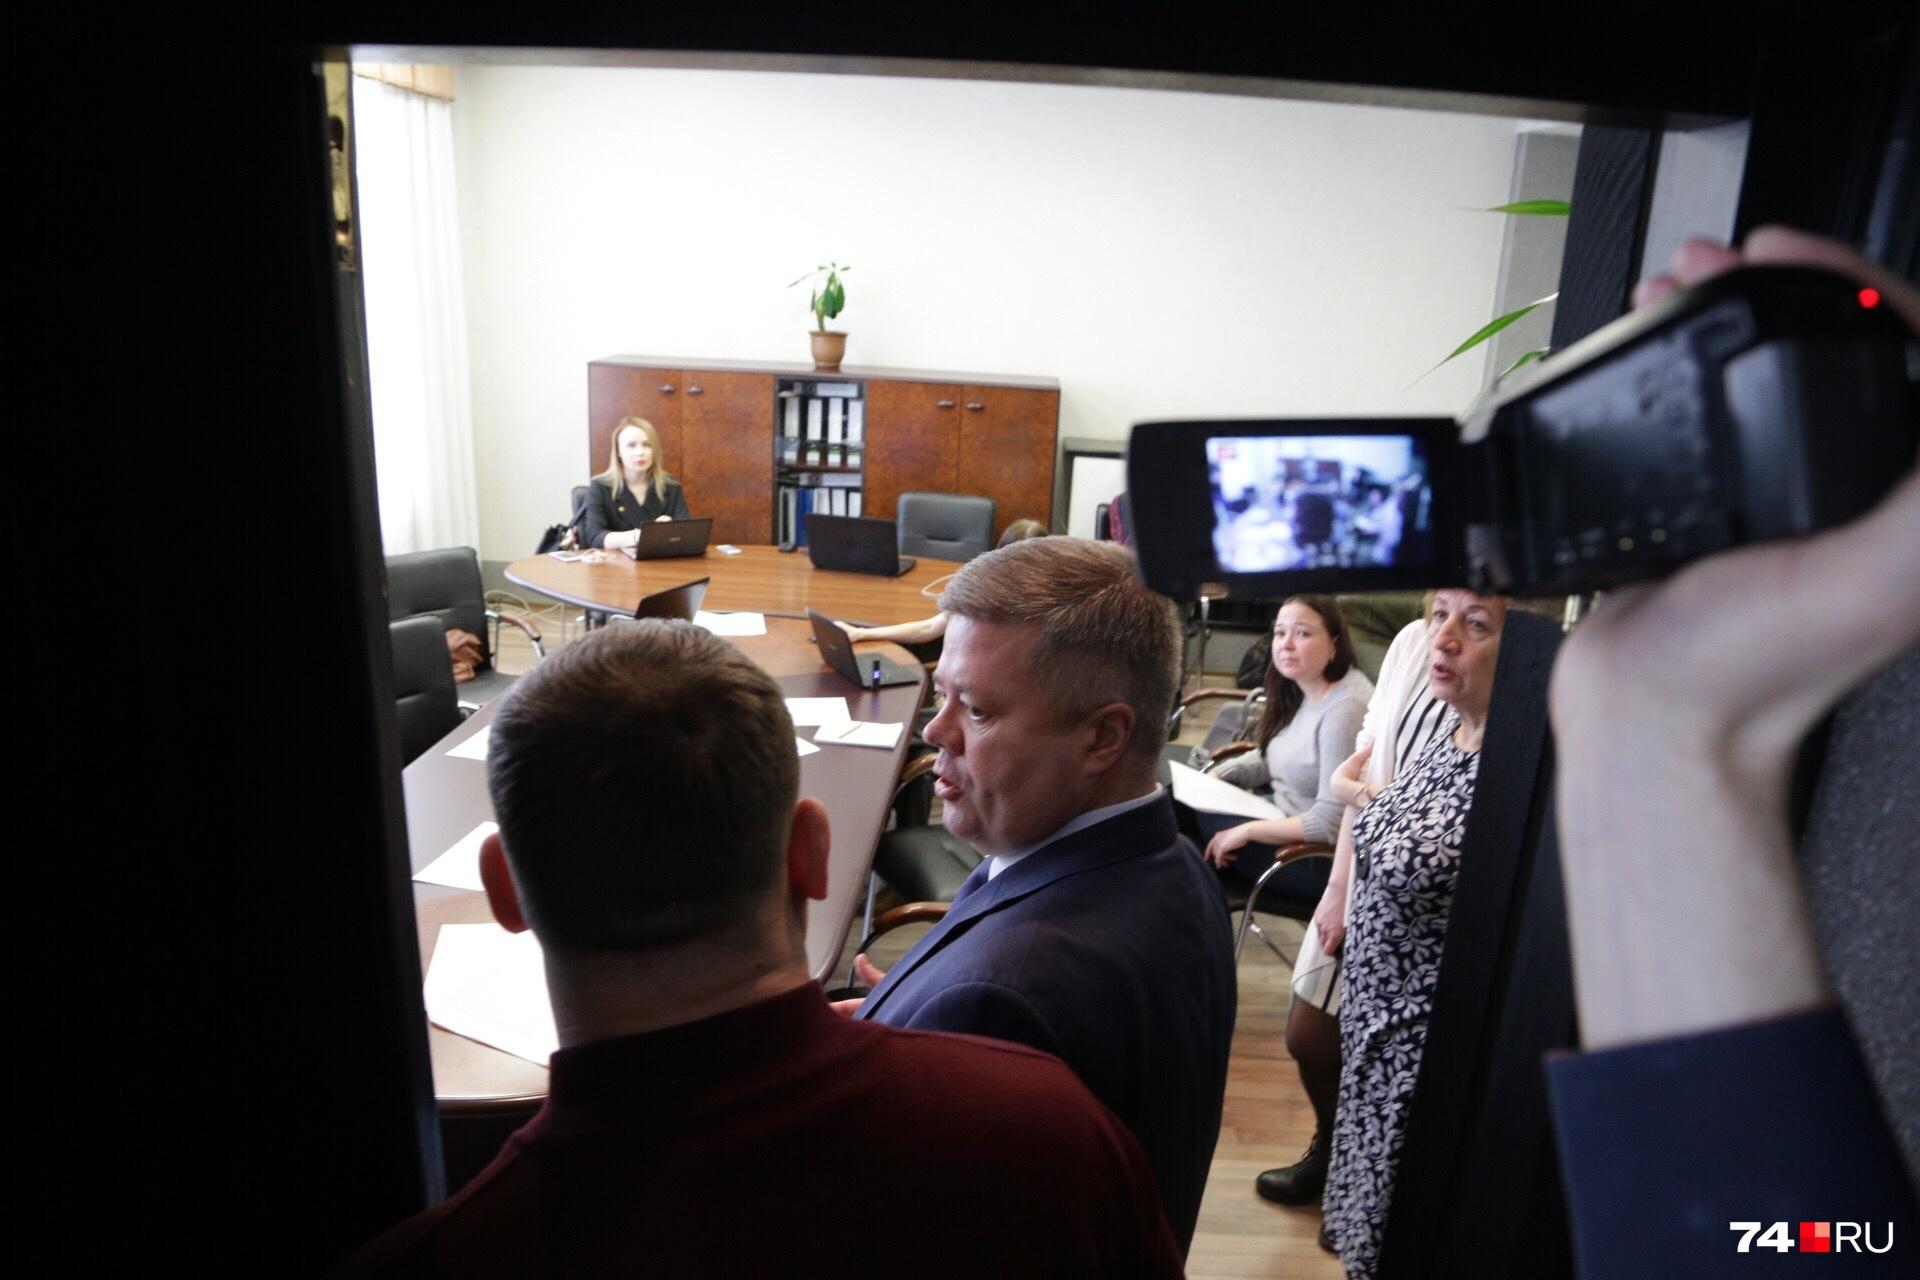 Члены комиссии не верят, что звук в пресс-центре отвратительный